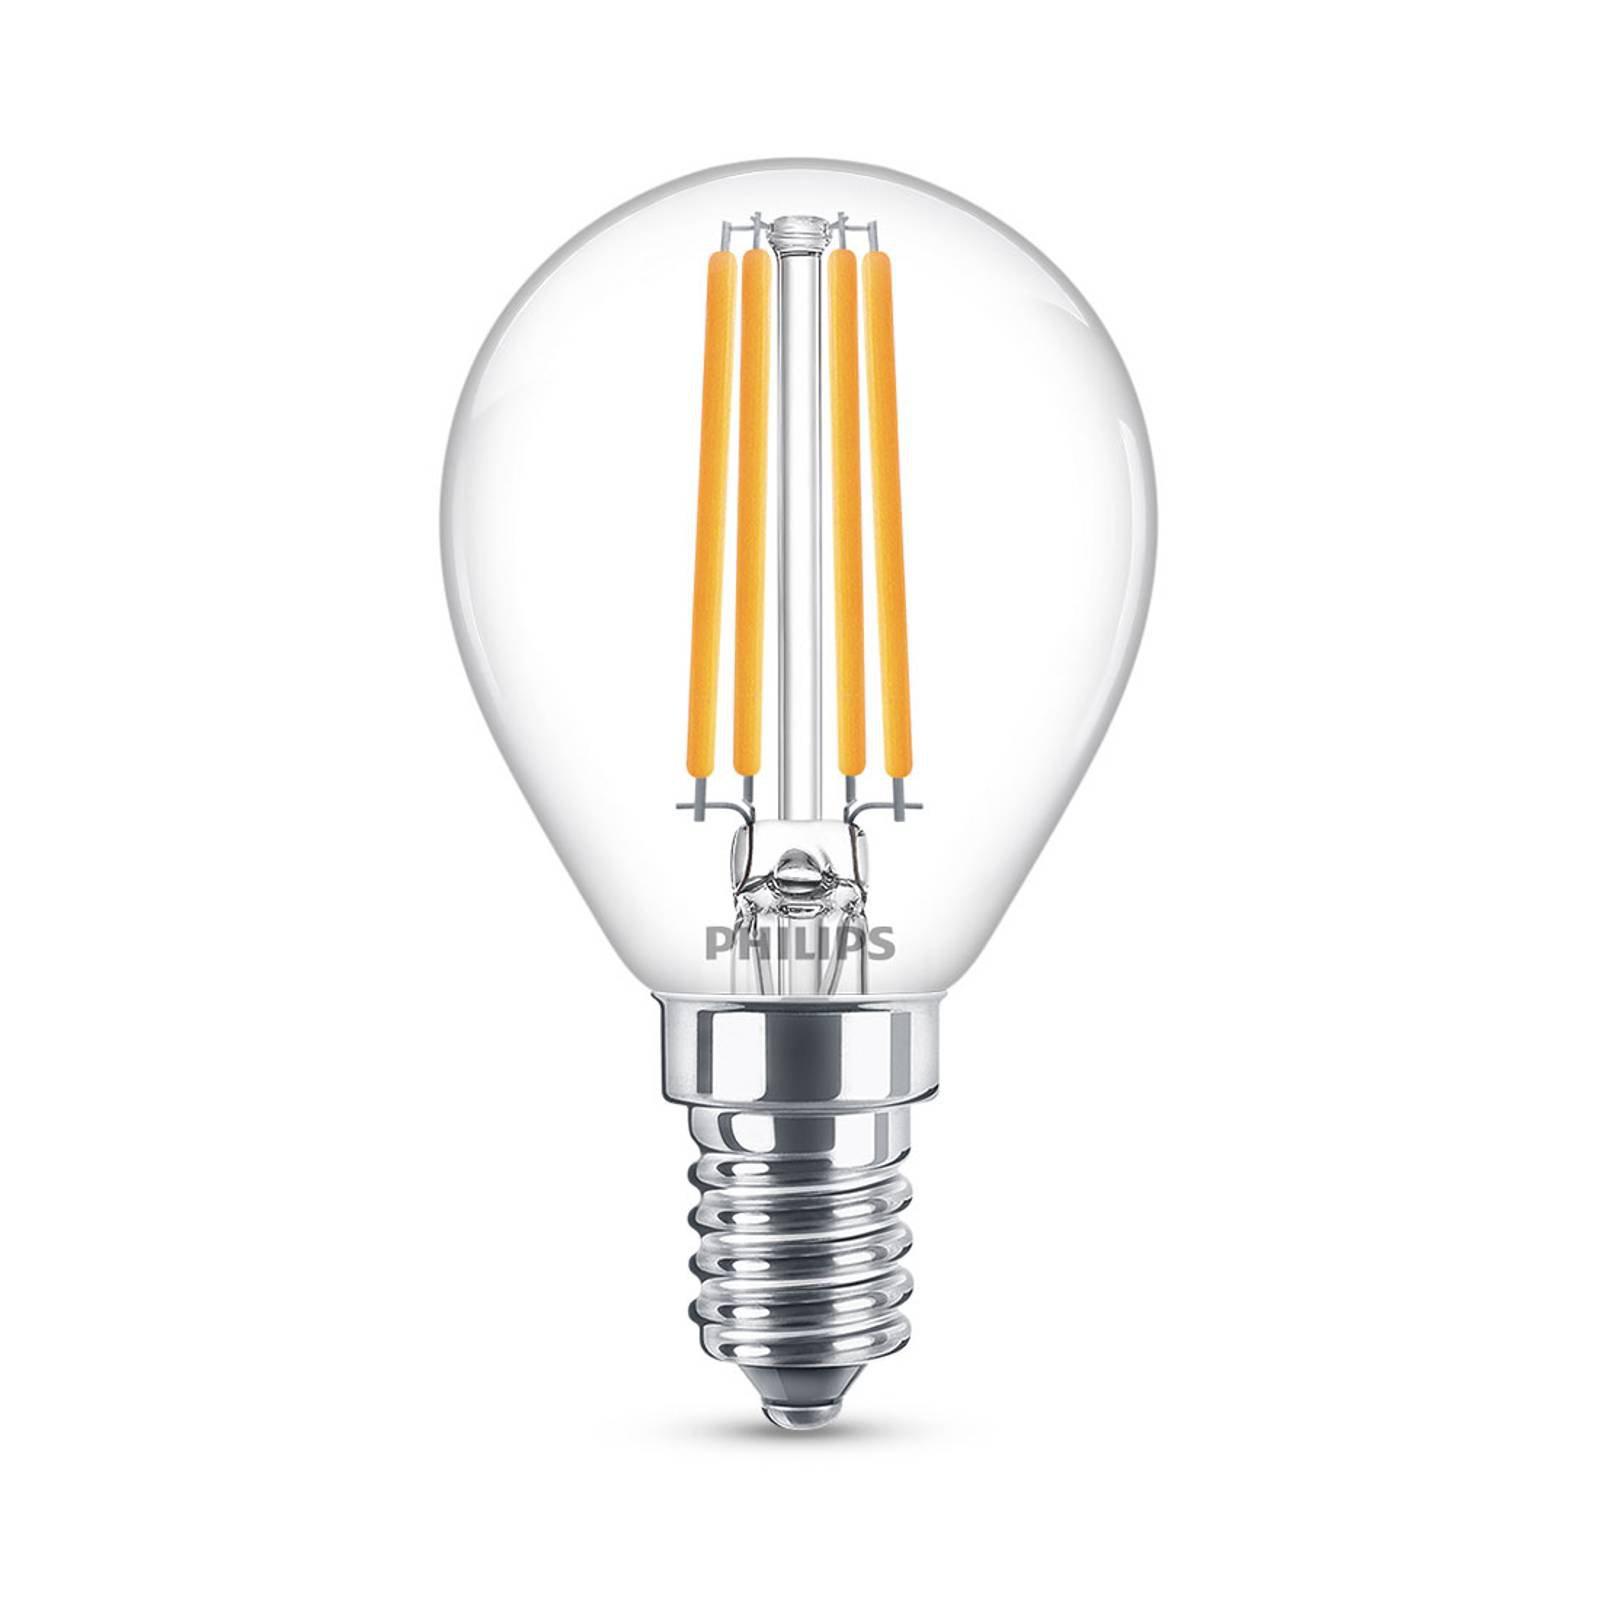 Philips Classic LED-pære E14 P45 6,5W 2 700 K klar